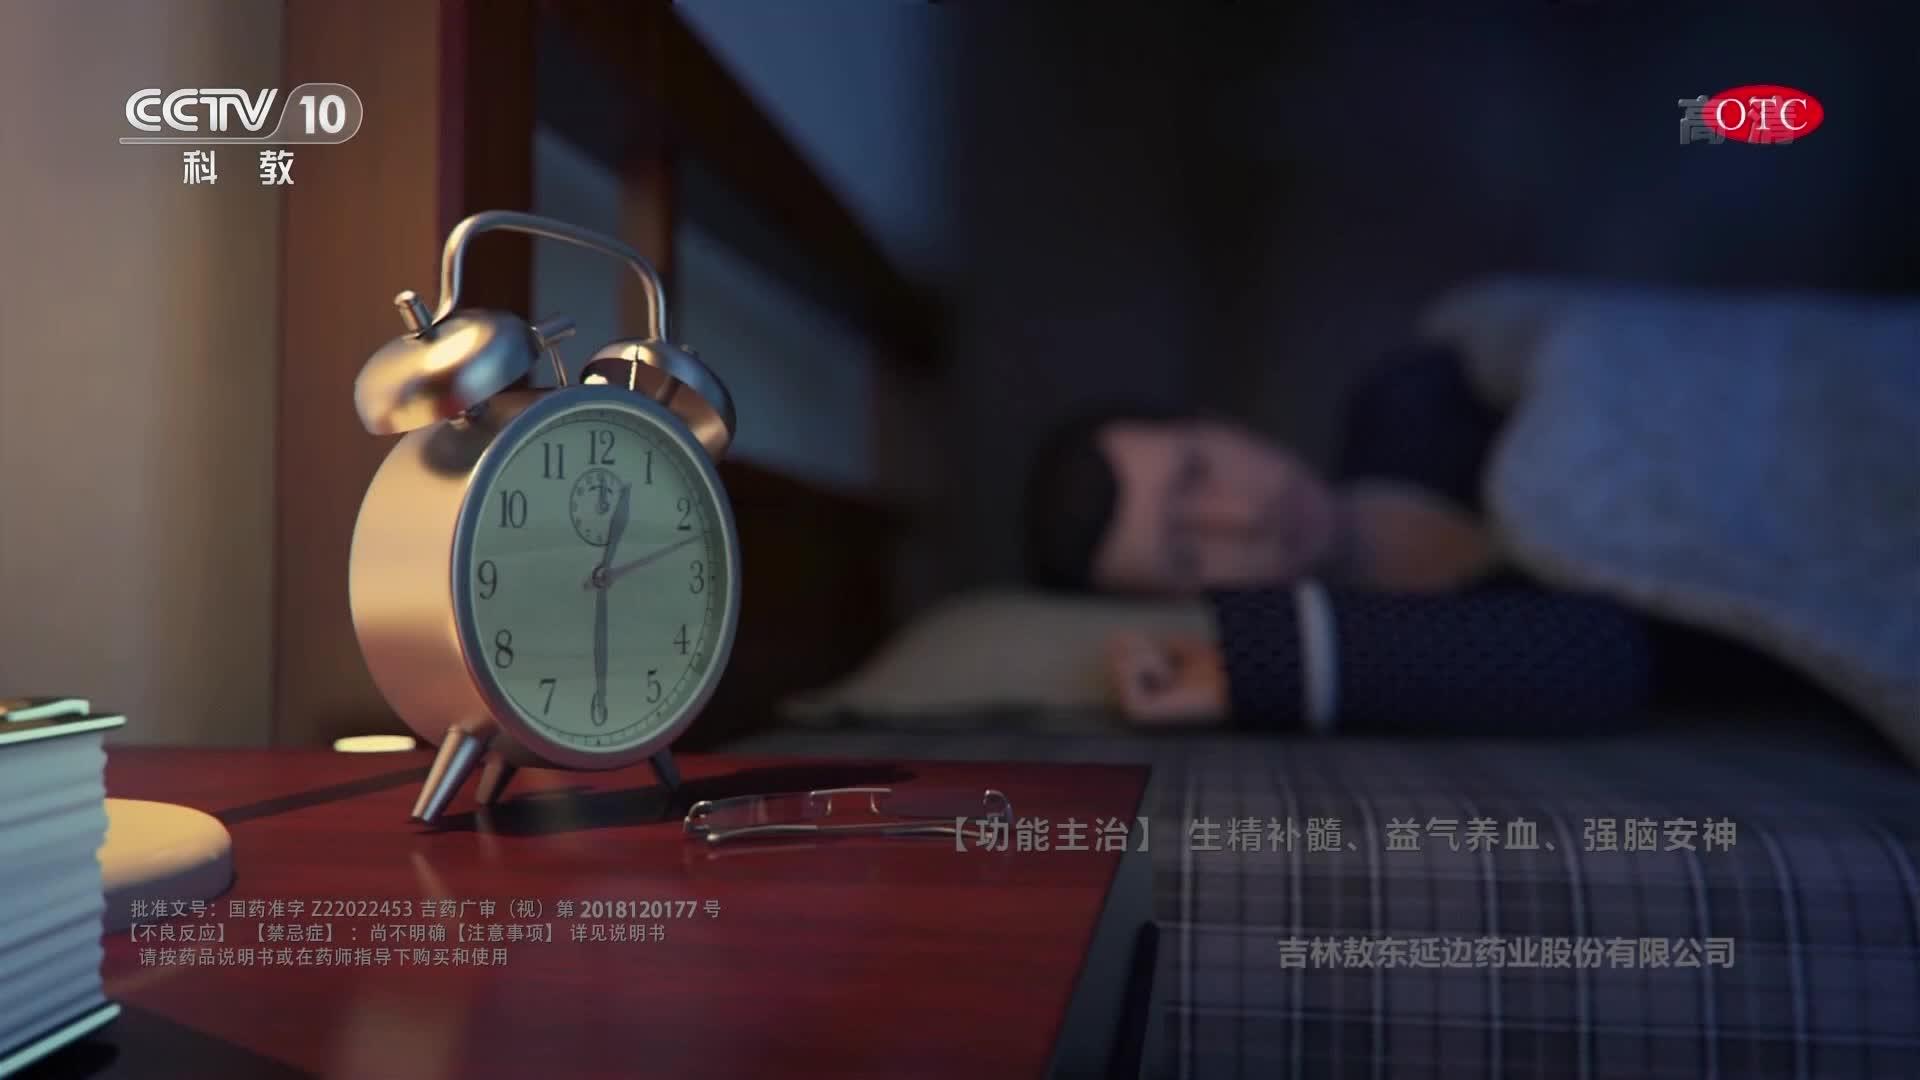 央视广告欣赏-敖东安神补脑液